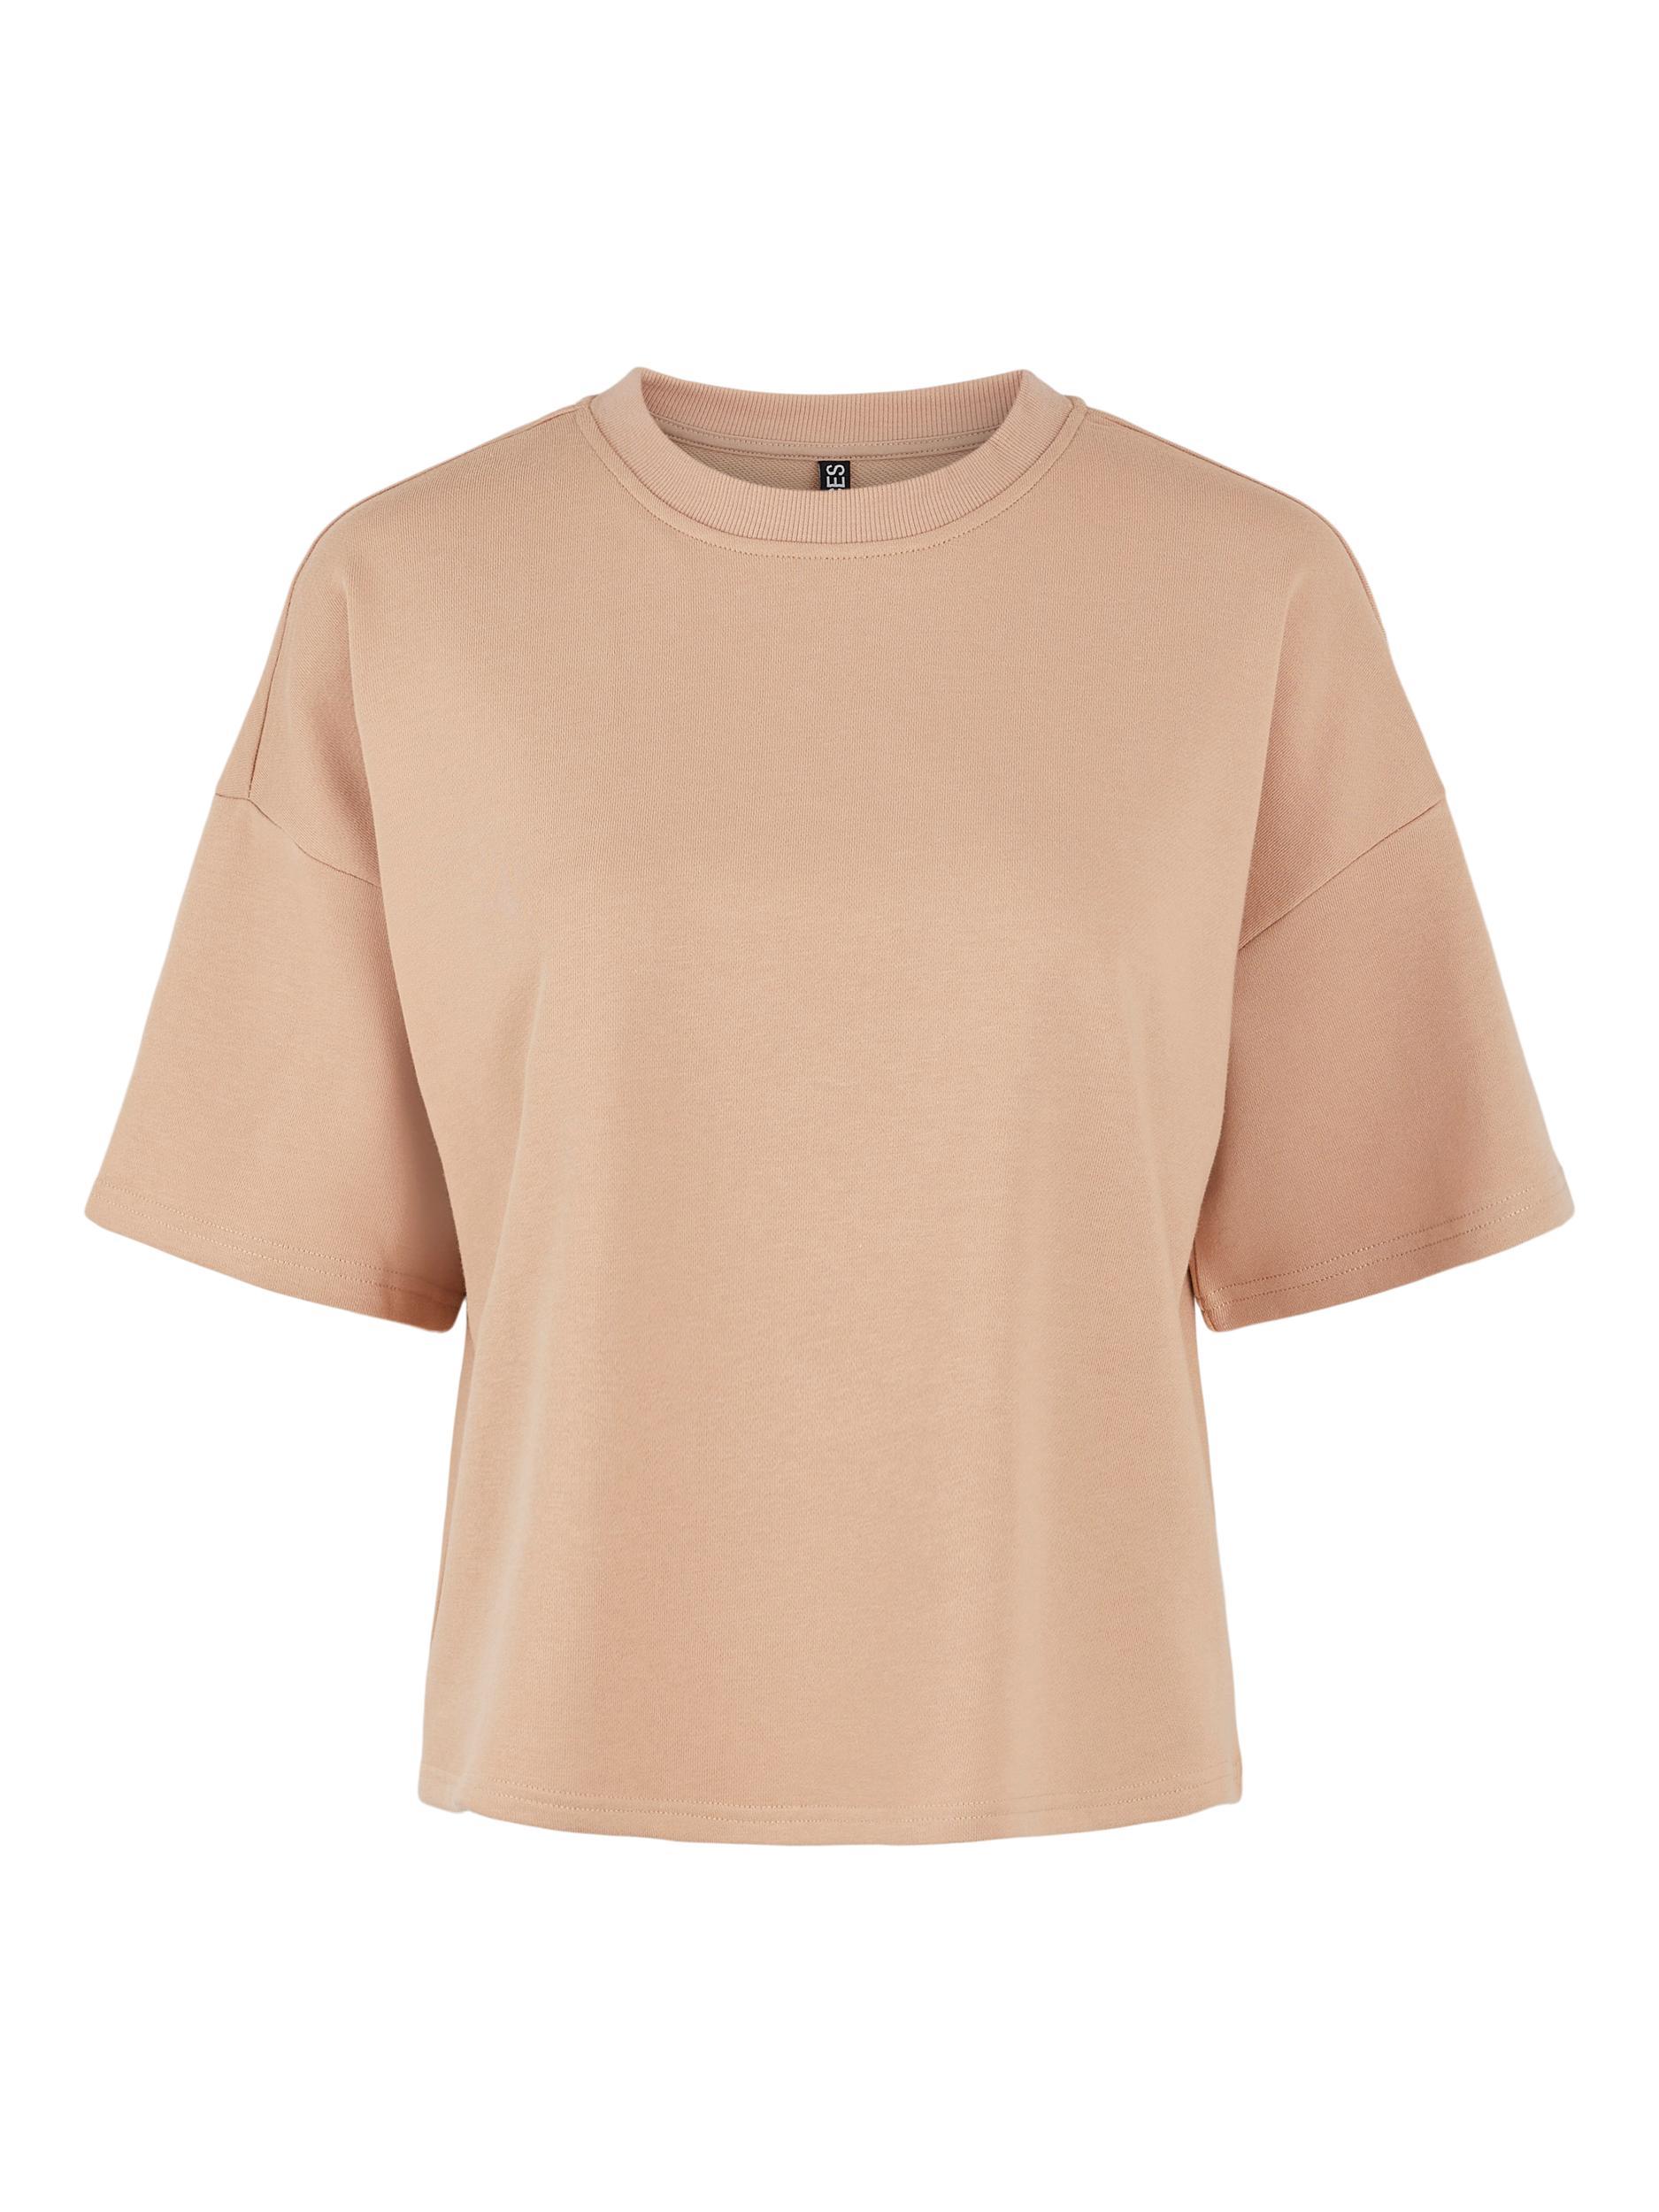 Pieces Chilli Summer t-shirt, cuban sand, medium